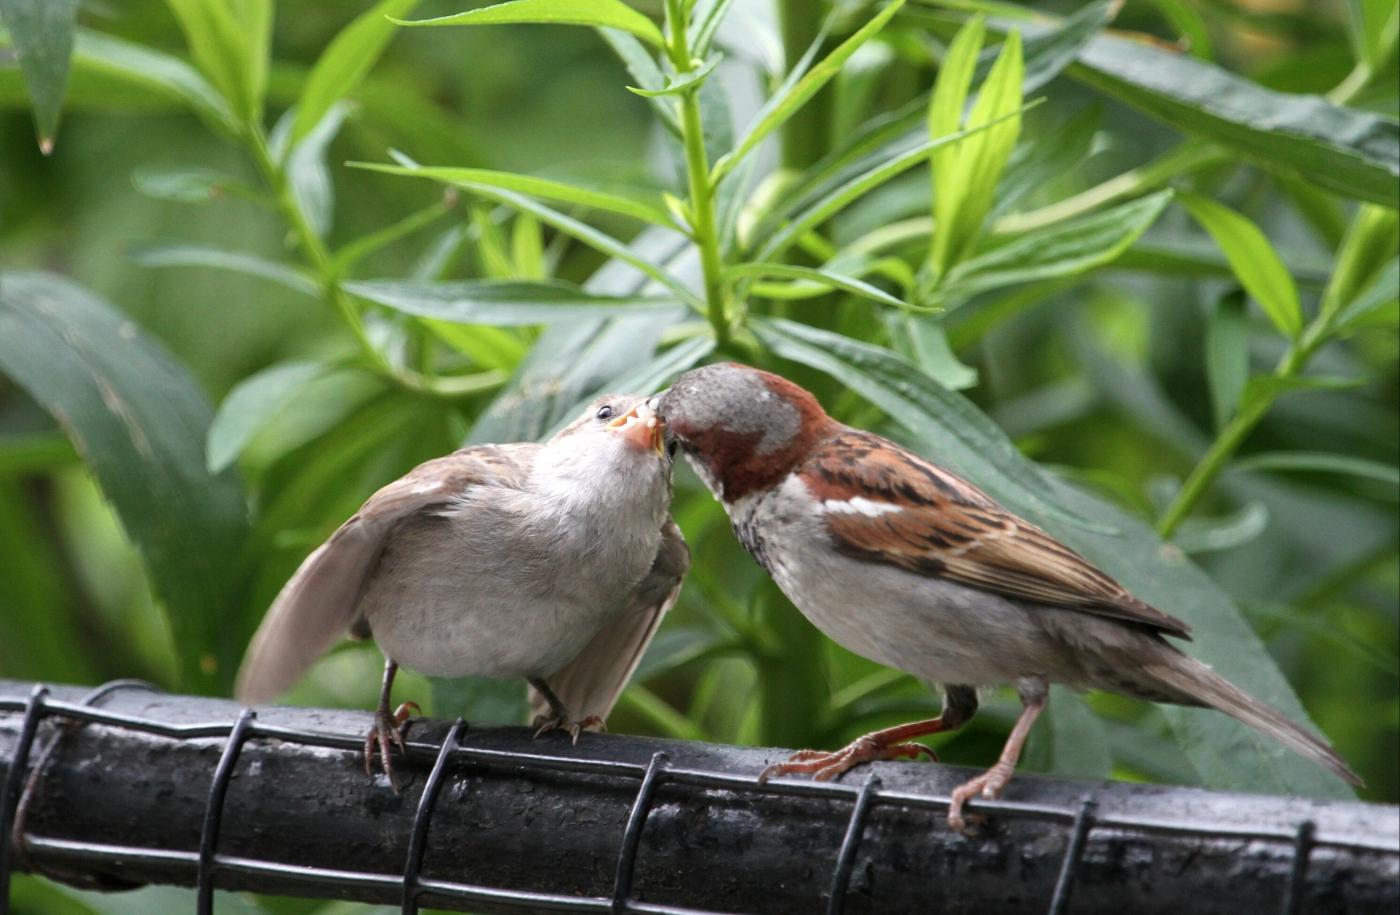 【田螺摄影】在公园拍麻雀喂养_图1-3